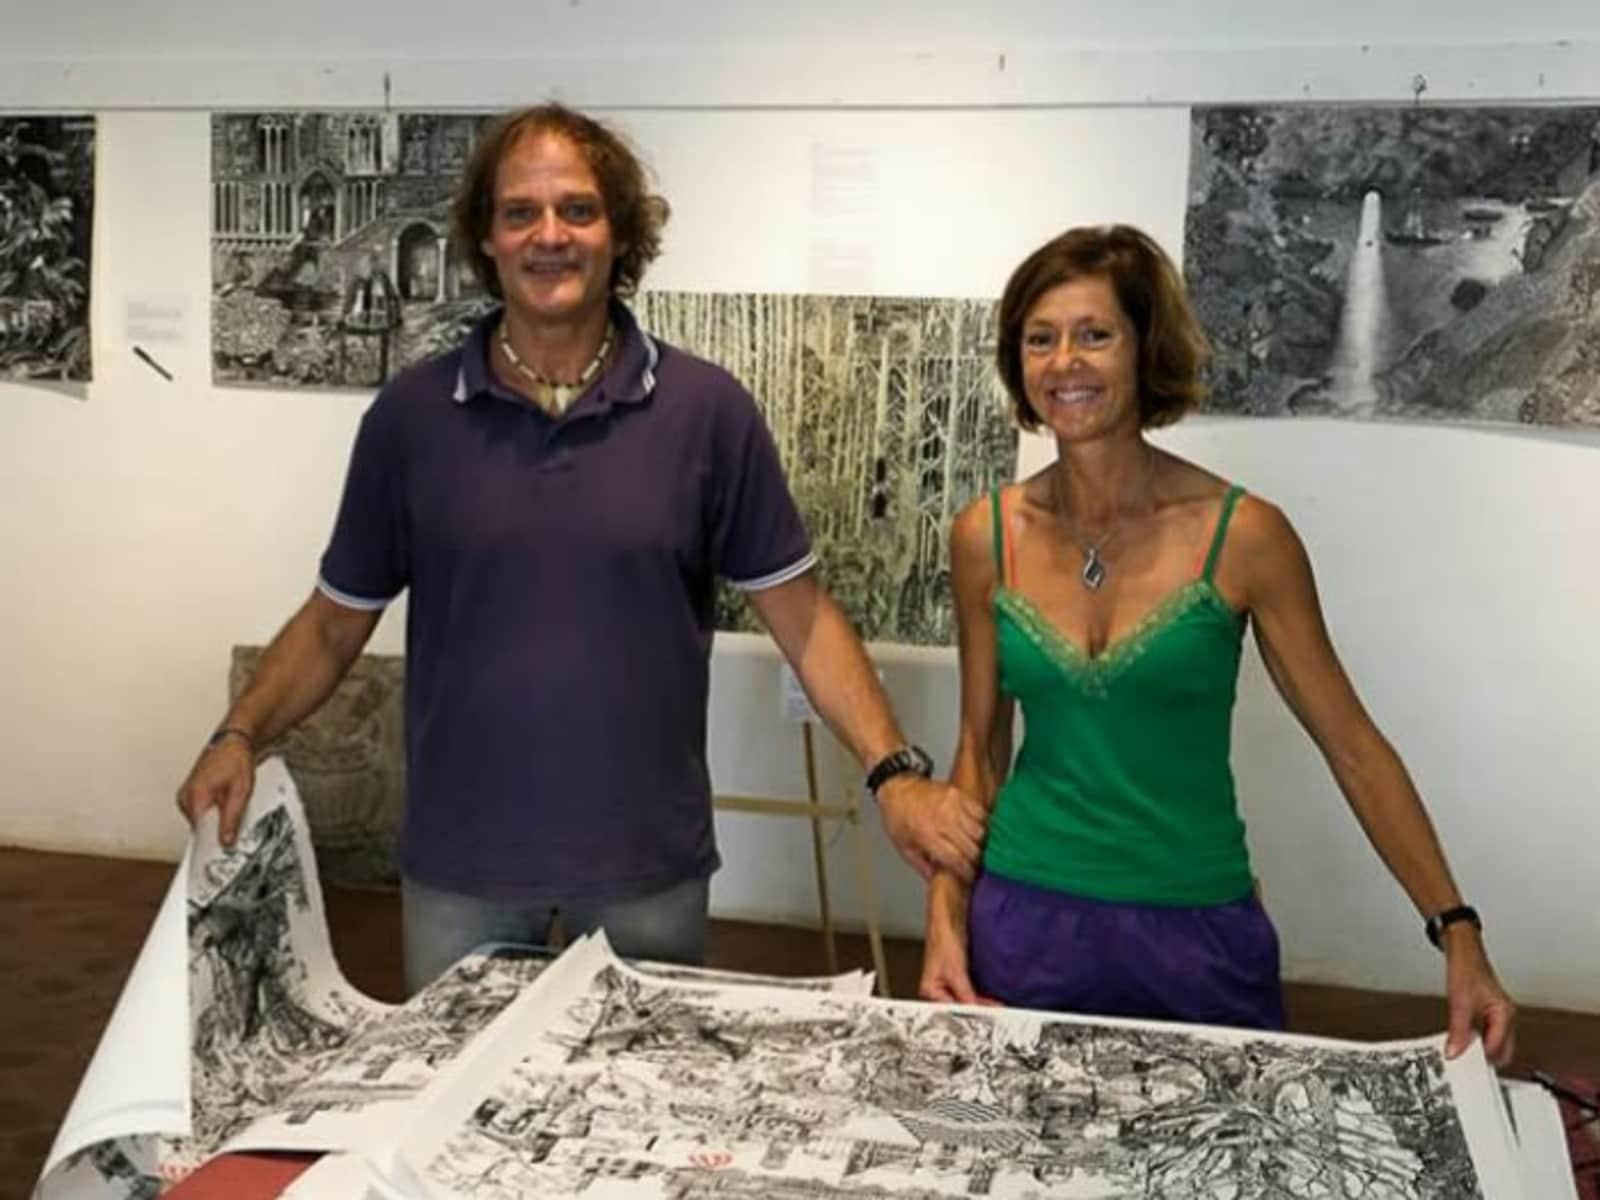 Kate & Luigi from Arezzo, Italy